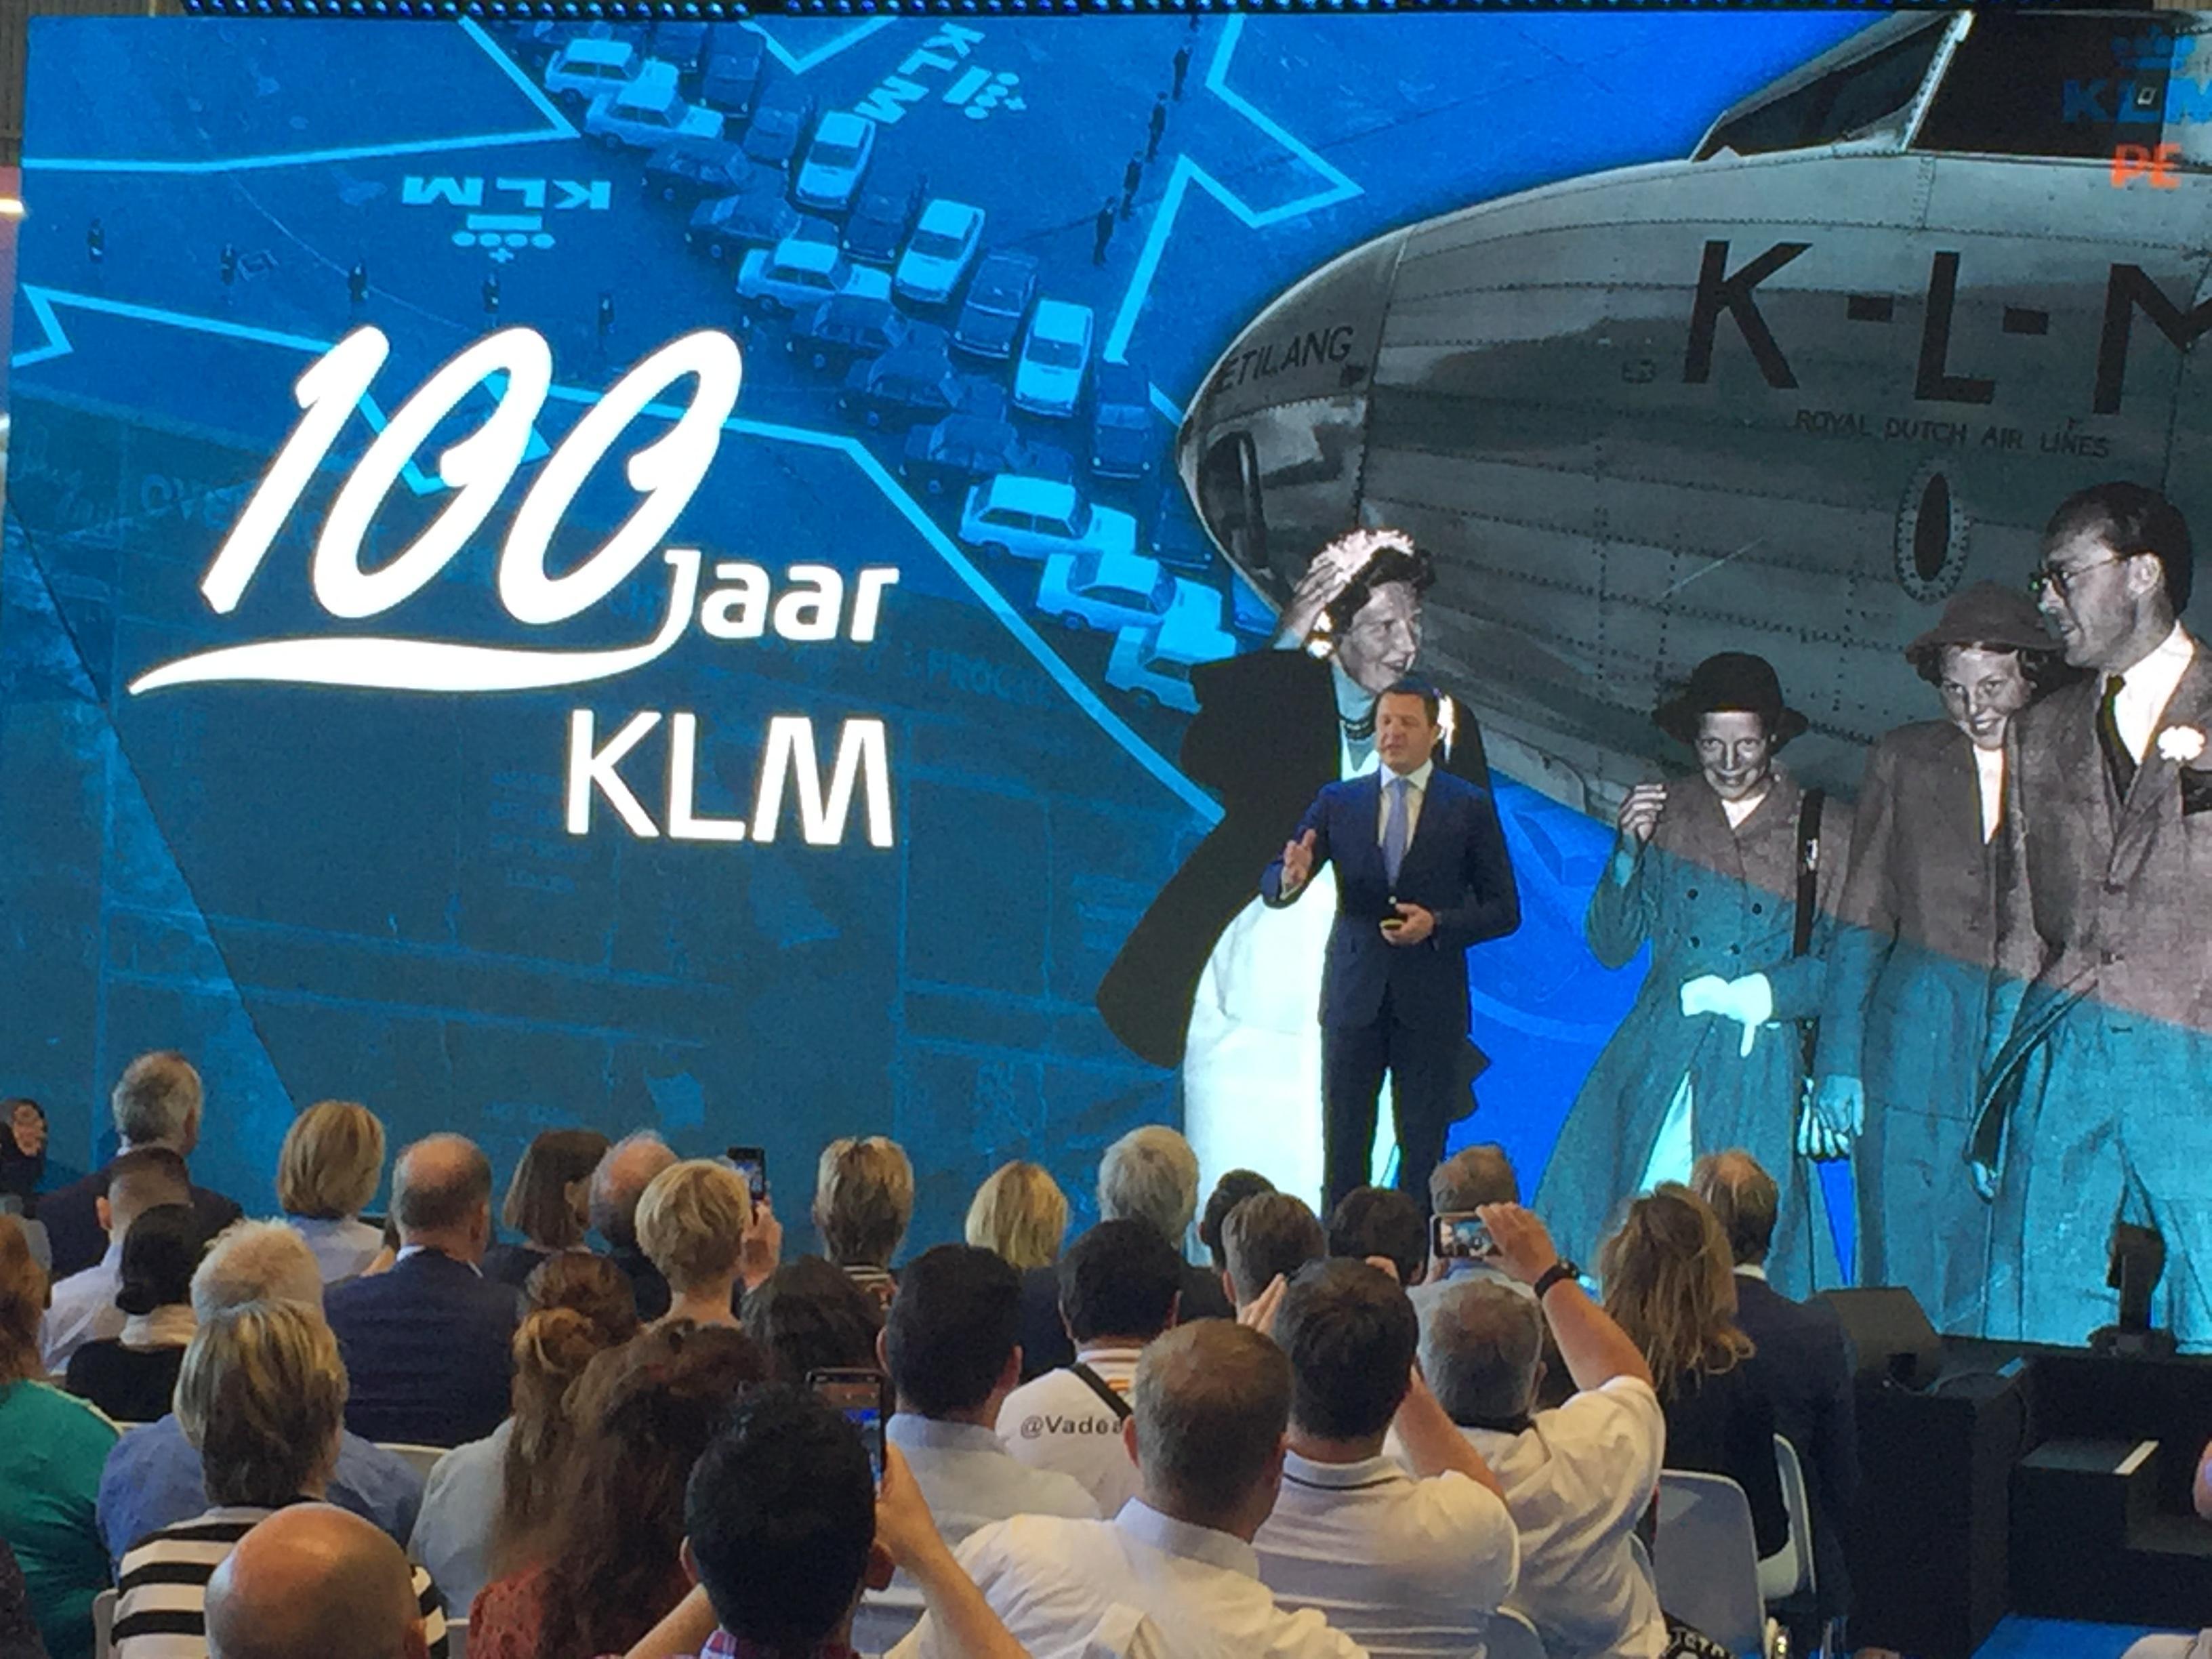 KLM start bij eeuwfeest campagne om verantwoordelijk te vliegen [video]